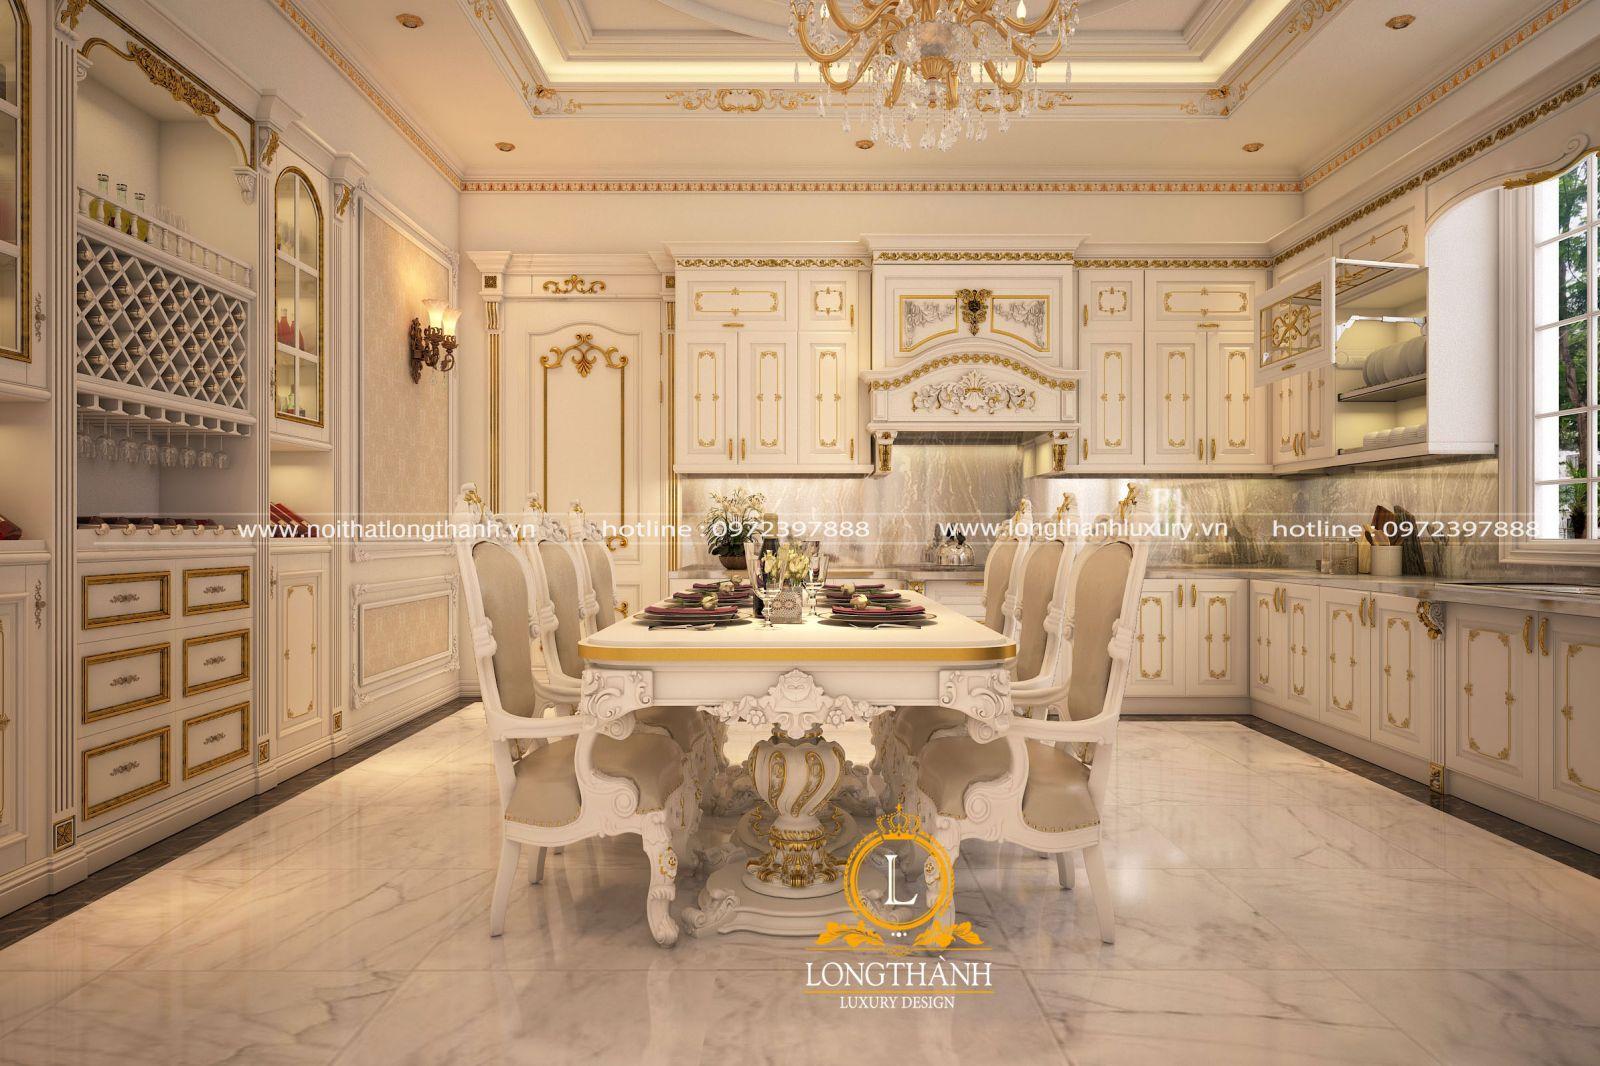 Bộ tủ bếp sơn trắng thể hiện đẳng cấp sang trọng trong không gian sống của chủ nhân